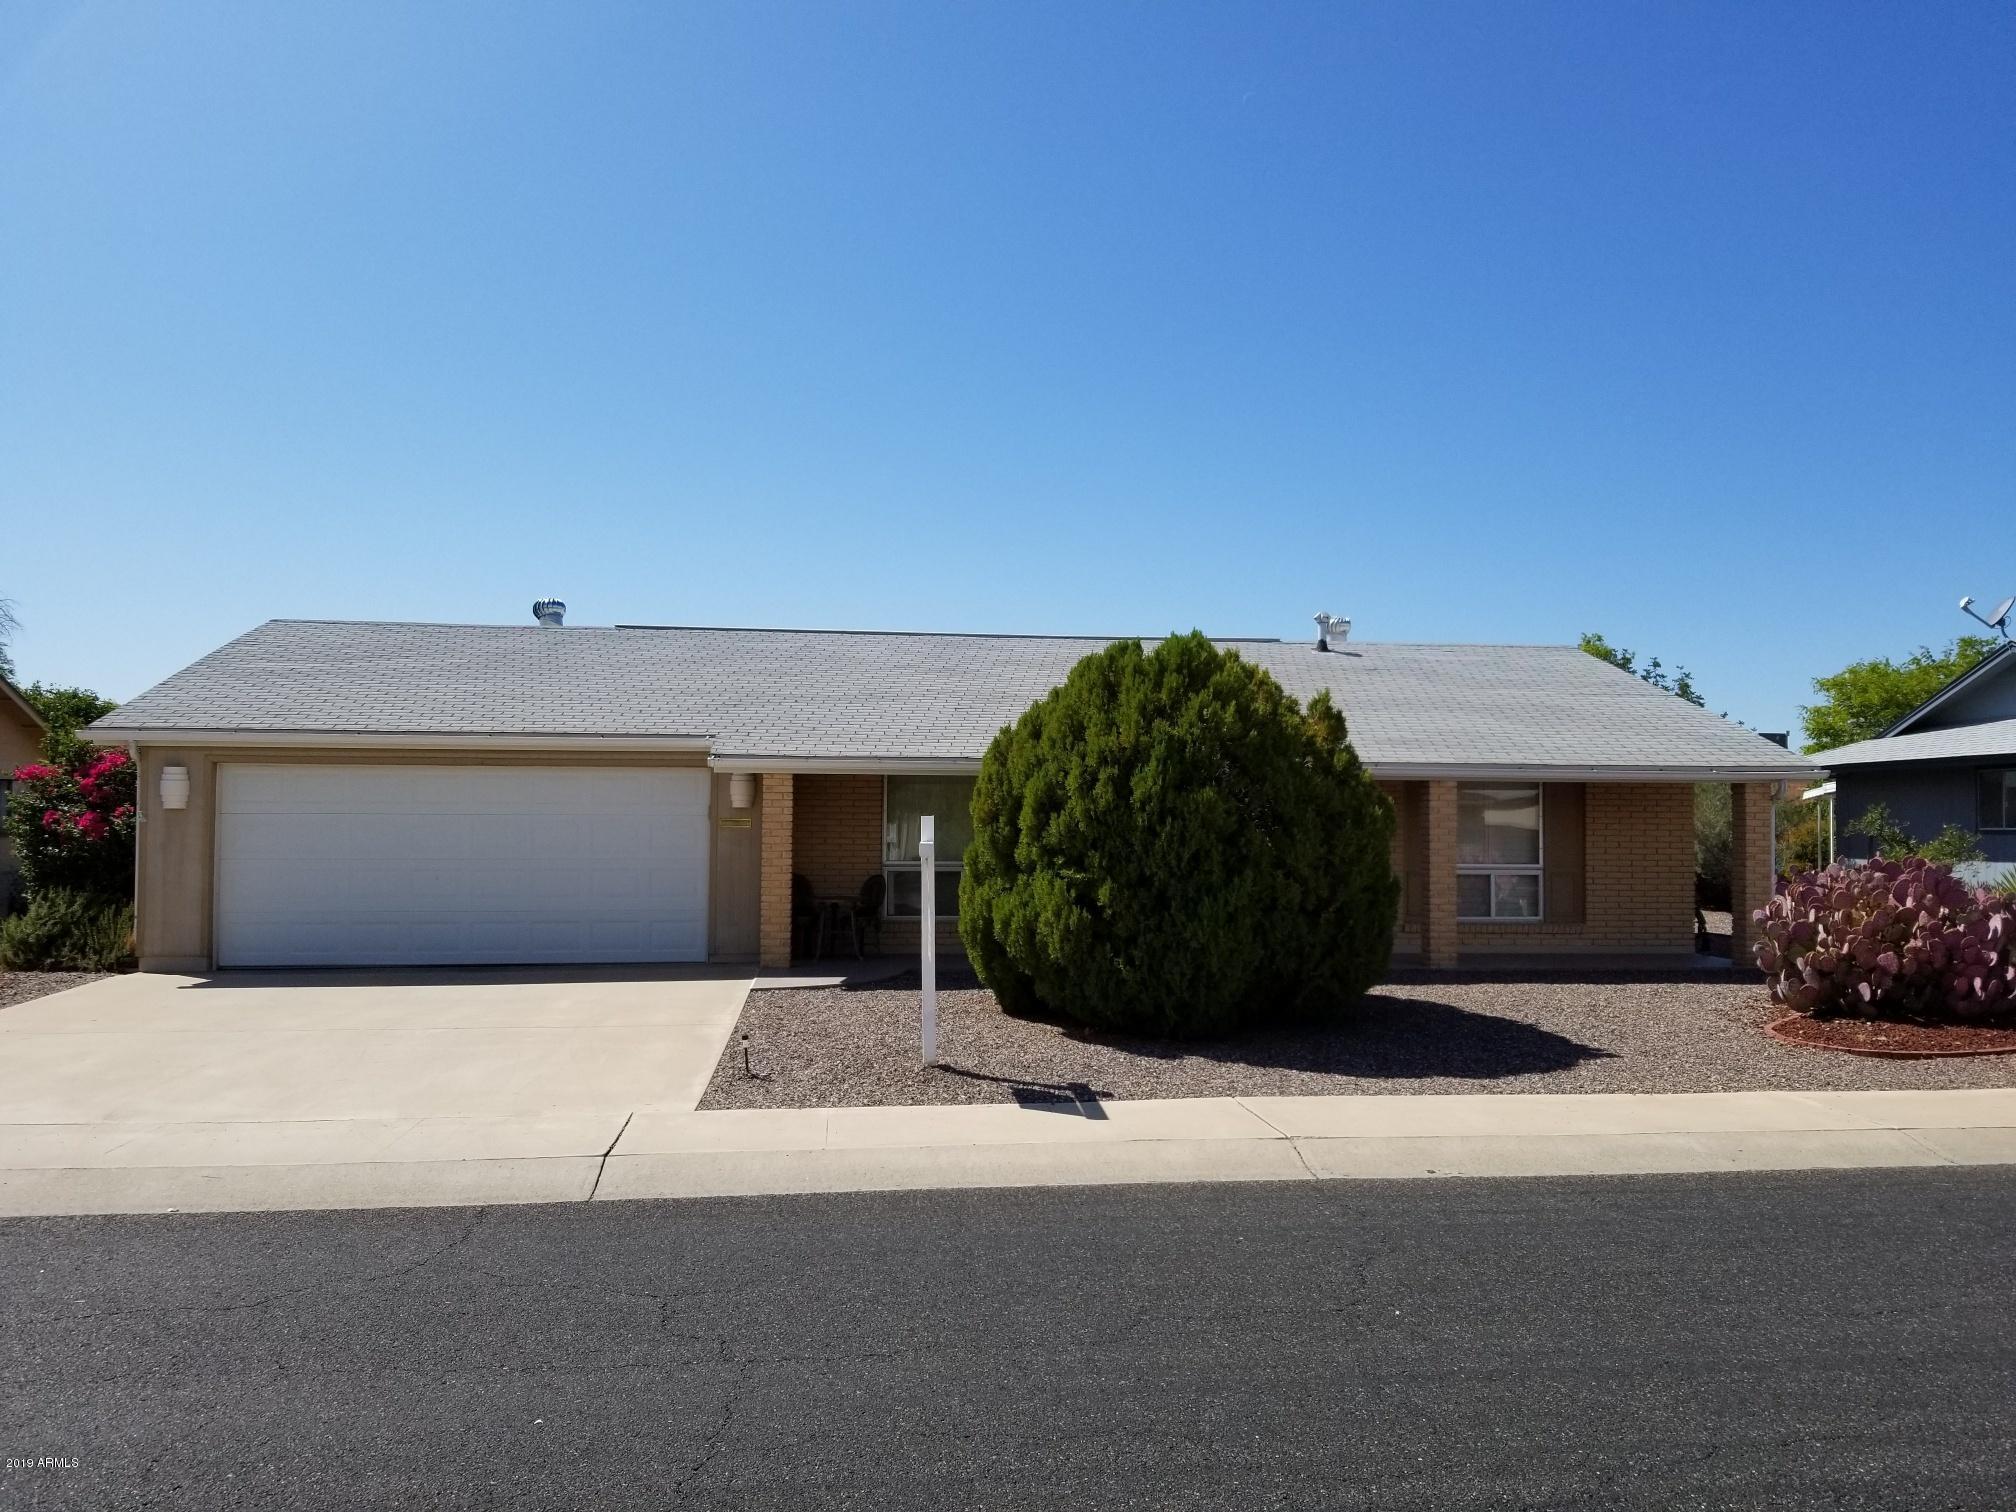 10814 W El Capitan Circle, Sun City AZ 85351 - Photo 1